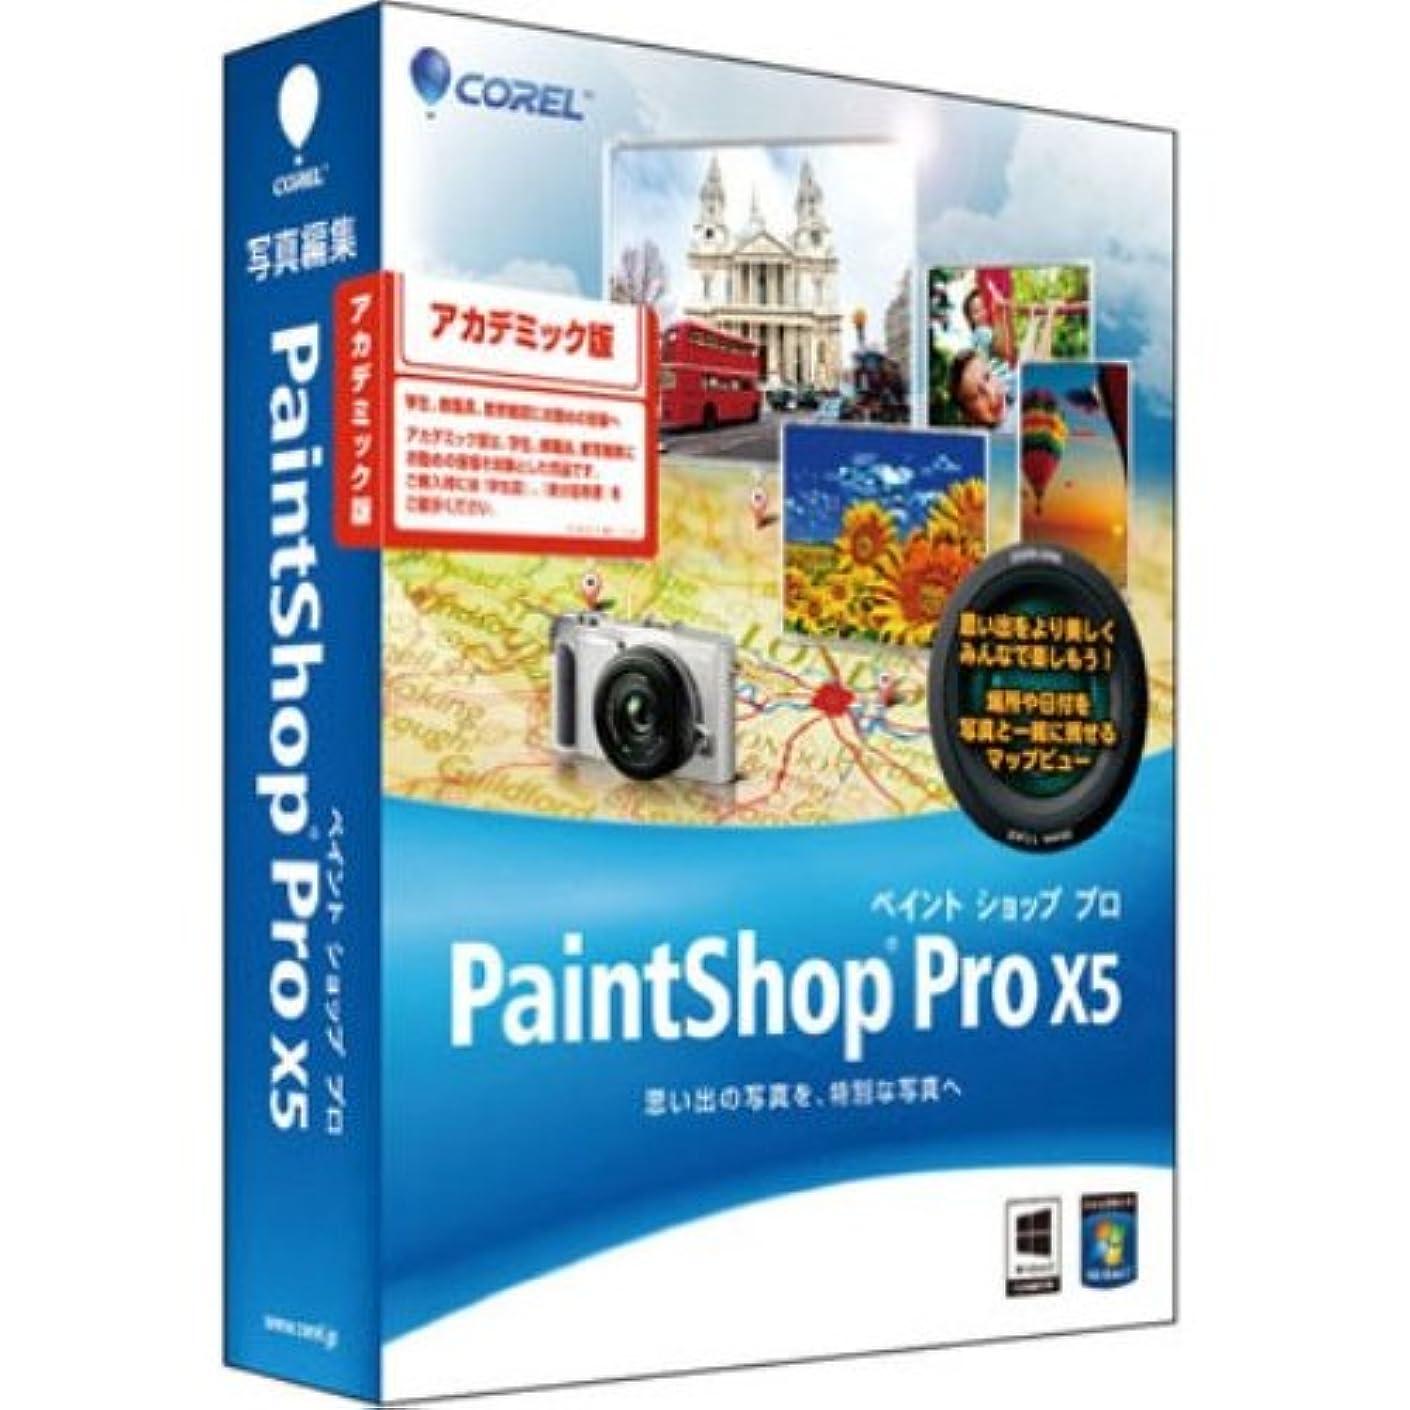 保証舌な写真撮影Corel PaintShop Pro X5 アカデミック版